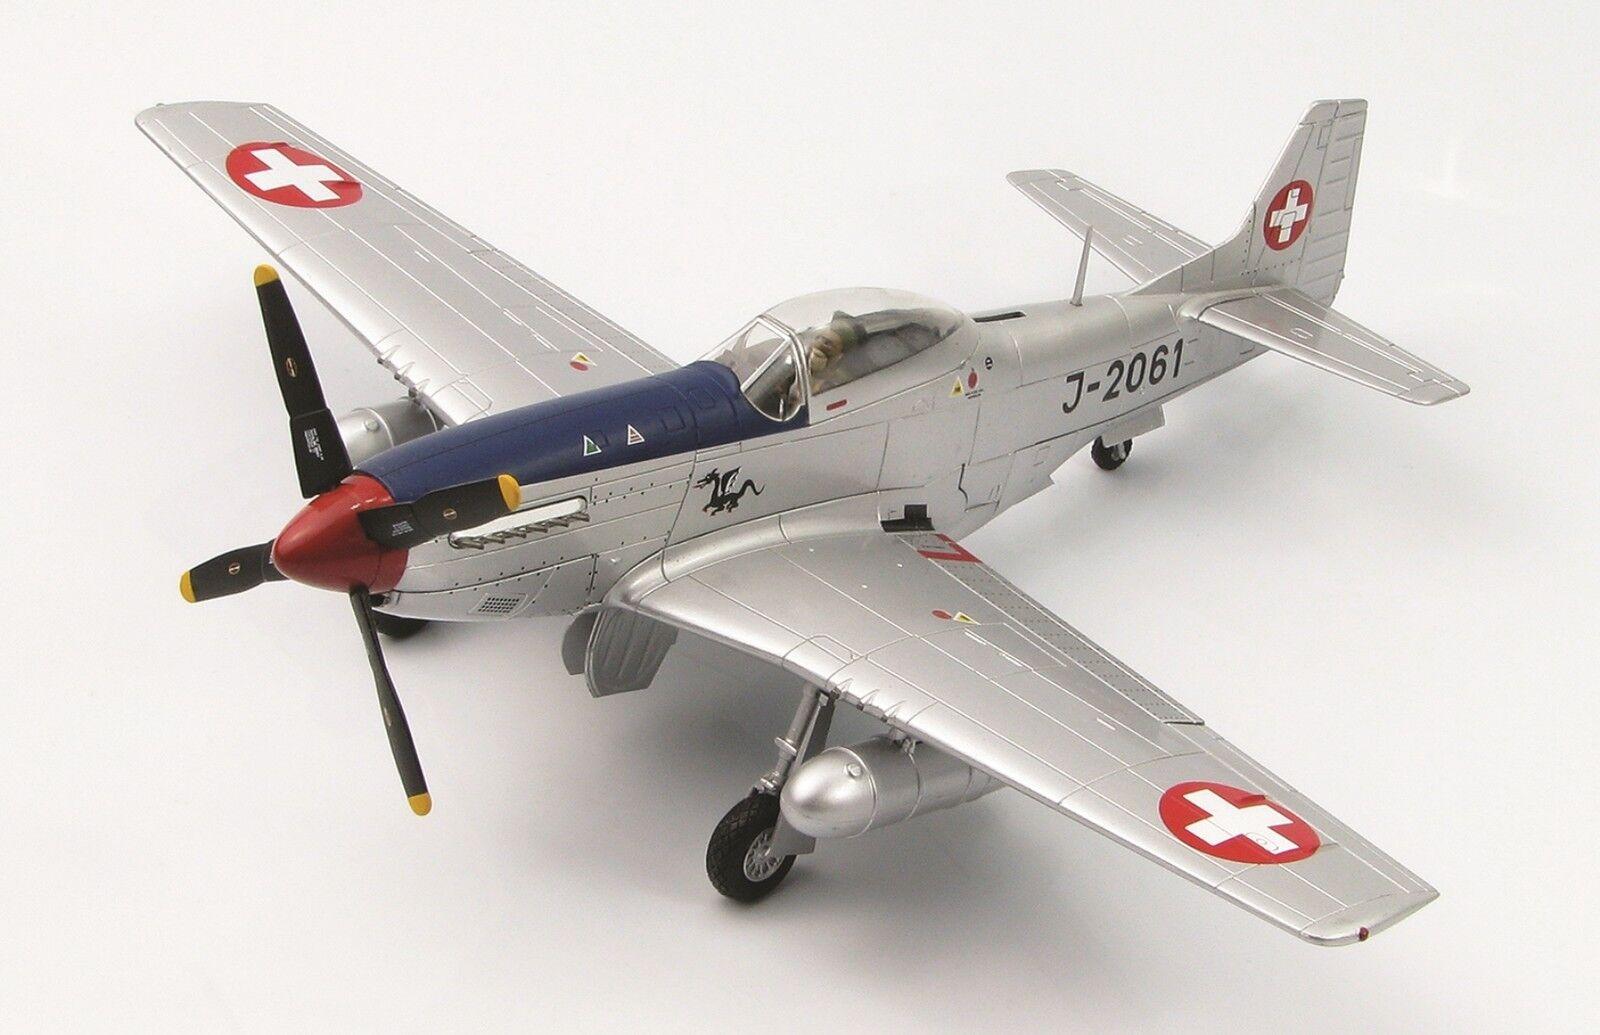 Hobby - meister 1 48 p-51d mustang swiss air force faust 16, j-2061 september 1949 ha7725